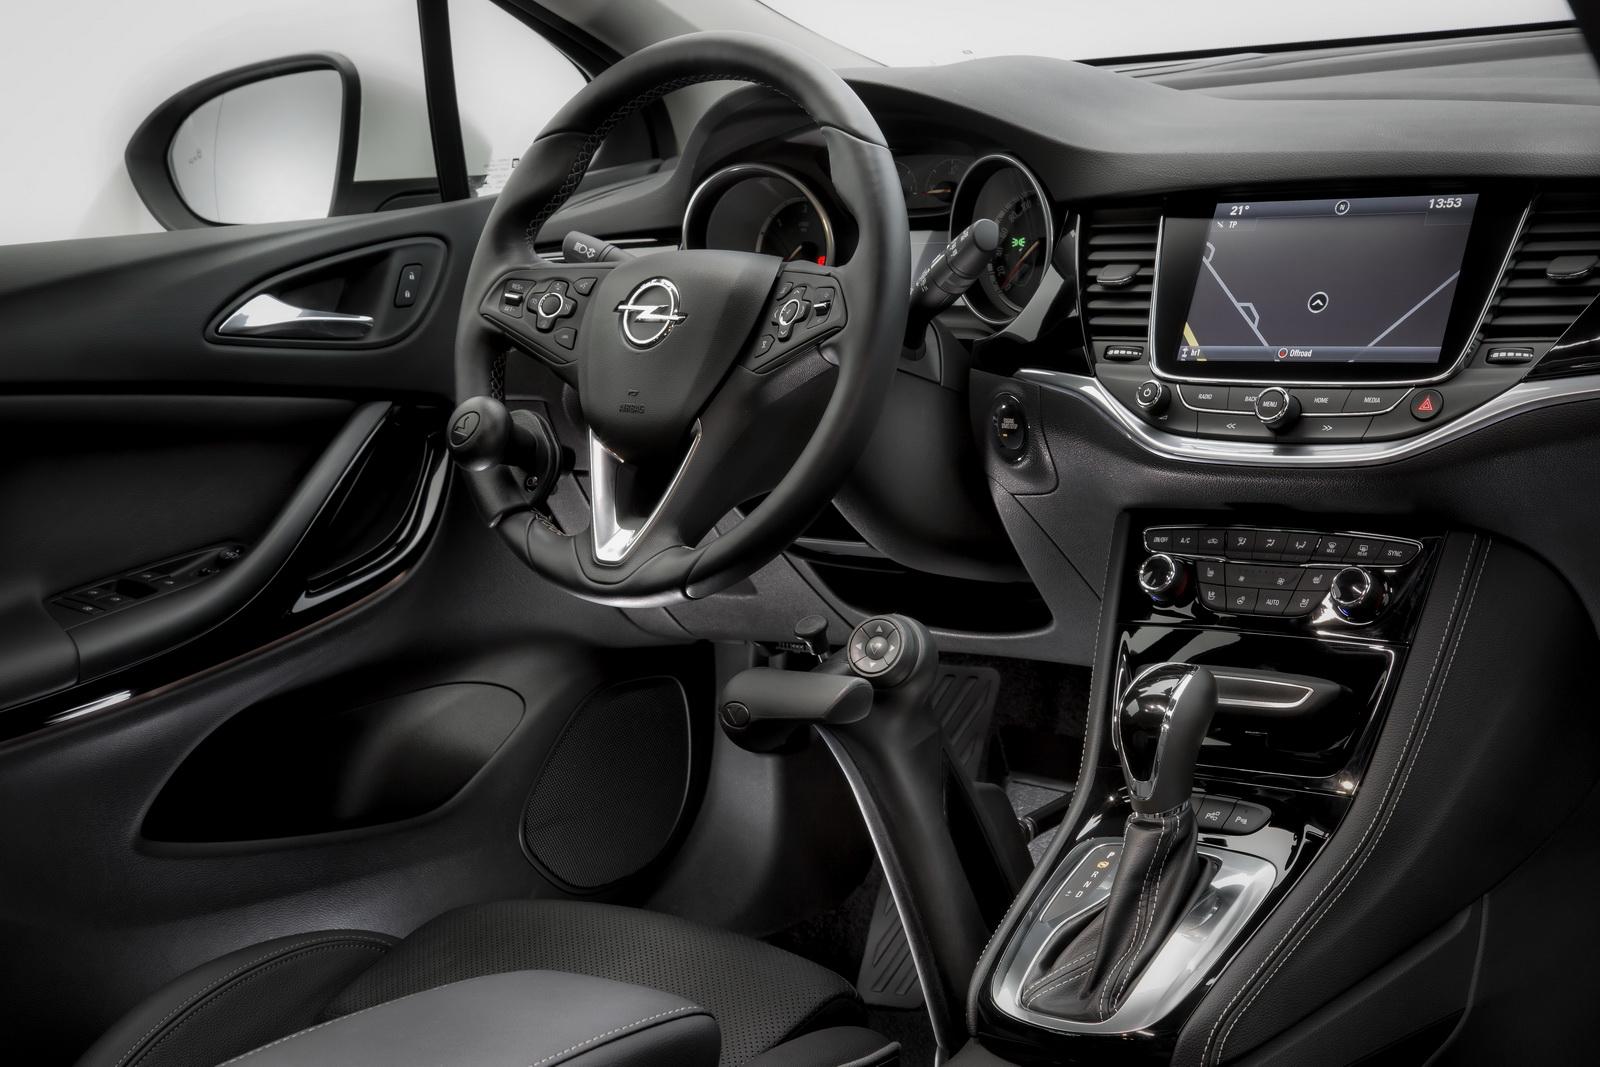 Opel_Astra_Veigel_Commander_04